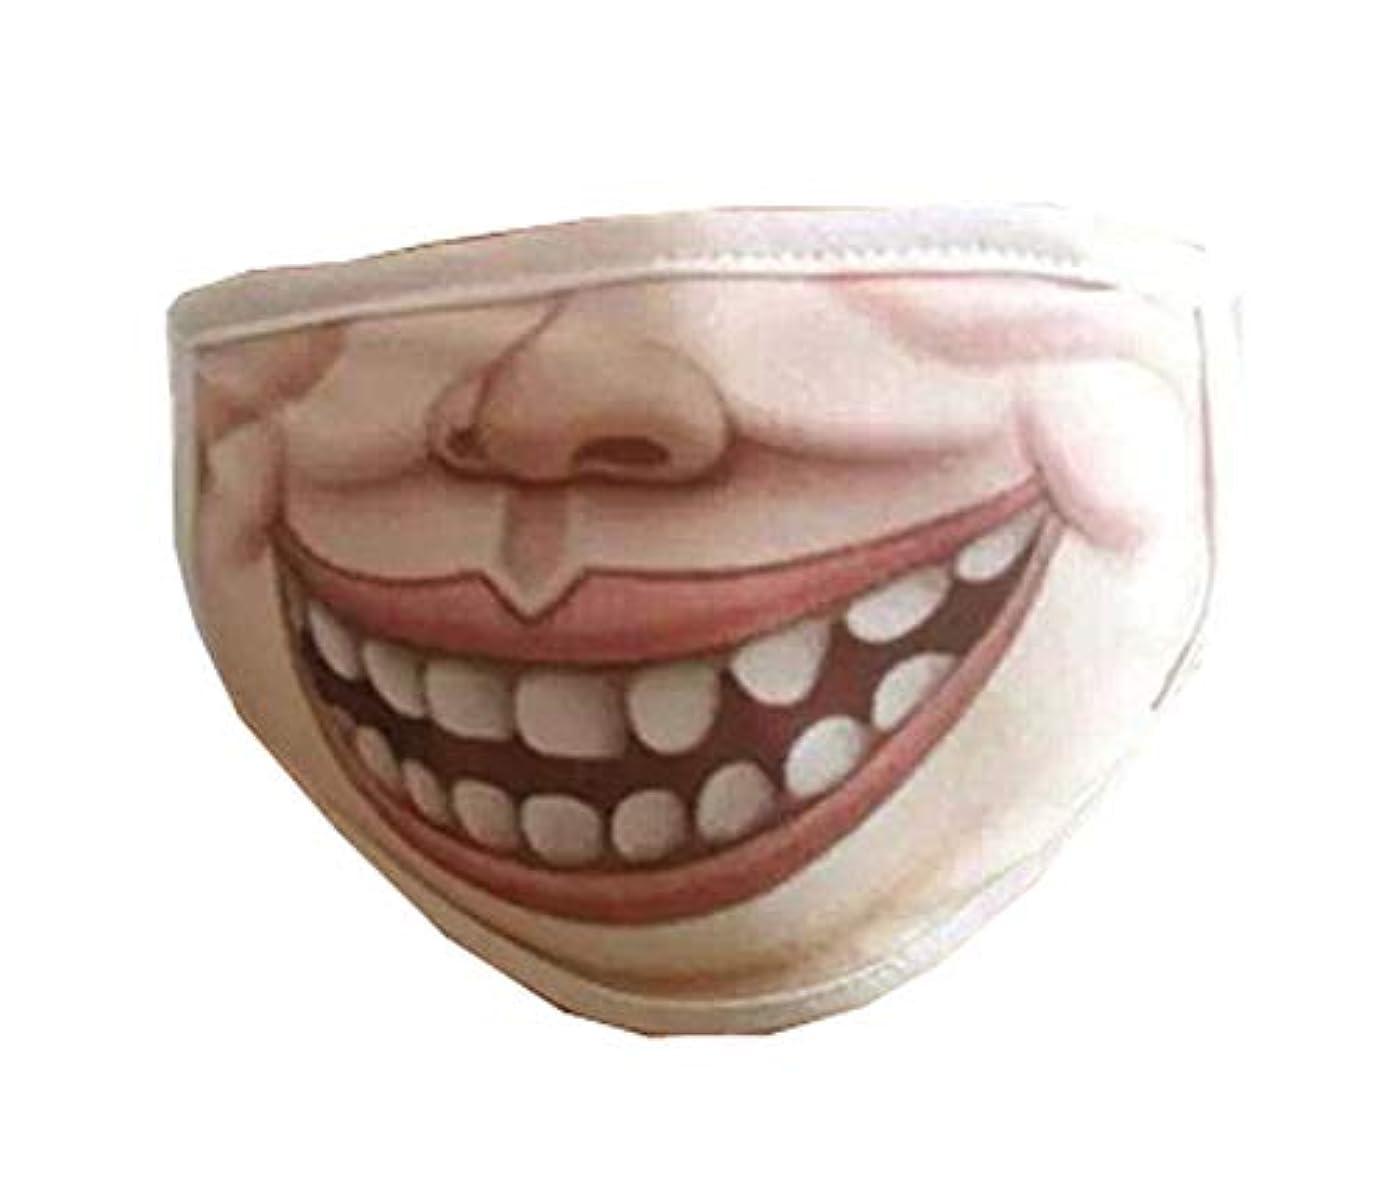 未接続コーン報酬面白い口のマスク、かわいいユニセックス顔の十代のマスク(G2)